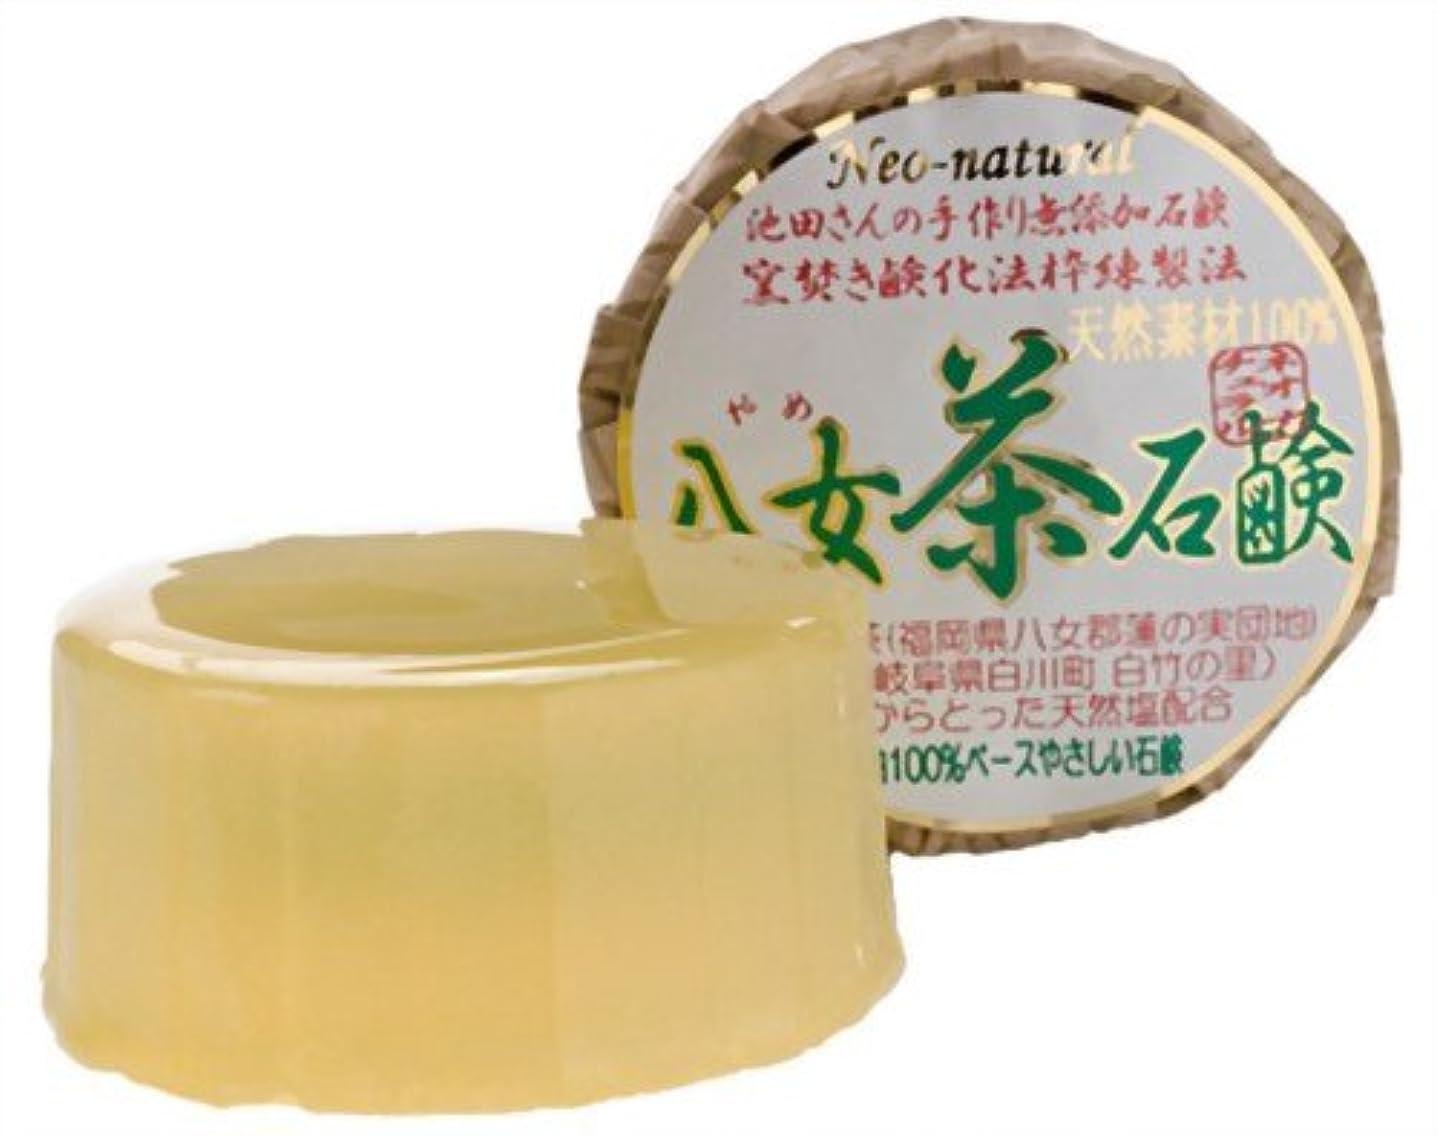 クローン信じられない結果ネオナチュラル 池田さんの八女茶石鹸 80g